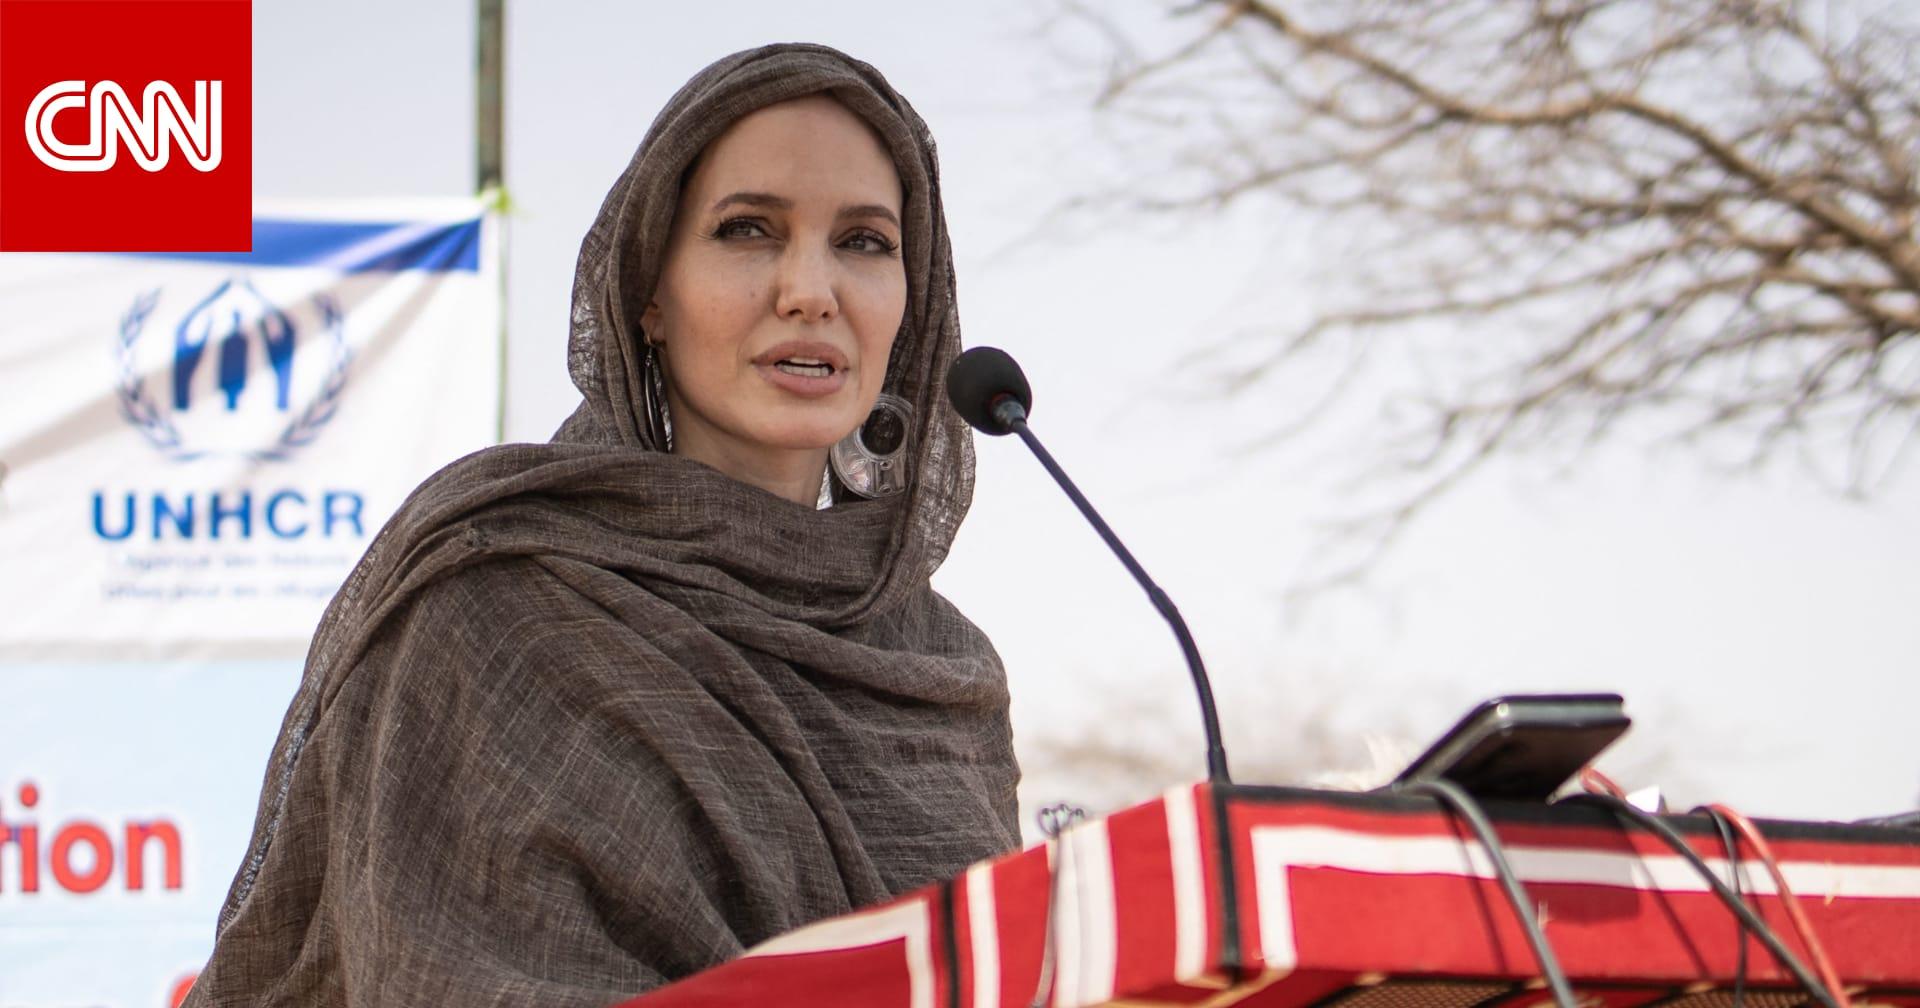 أنجلينا جولي تنشر رسالة من فتاة أفغانية للفت الانتباه إلى المعاناة في أفغانستان